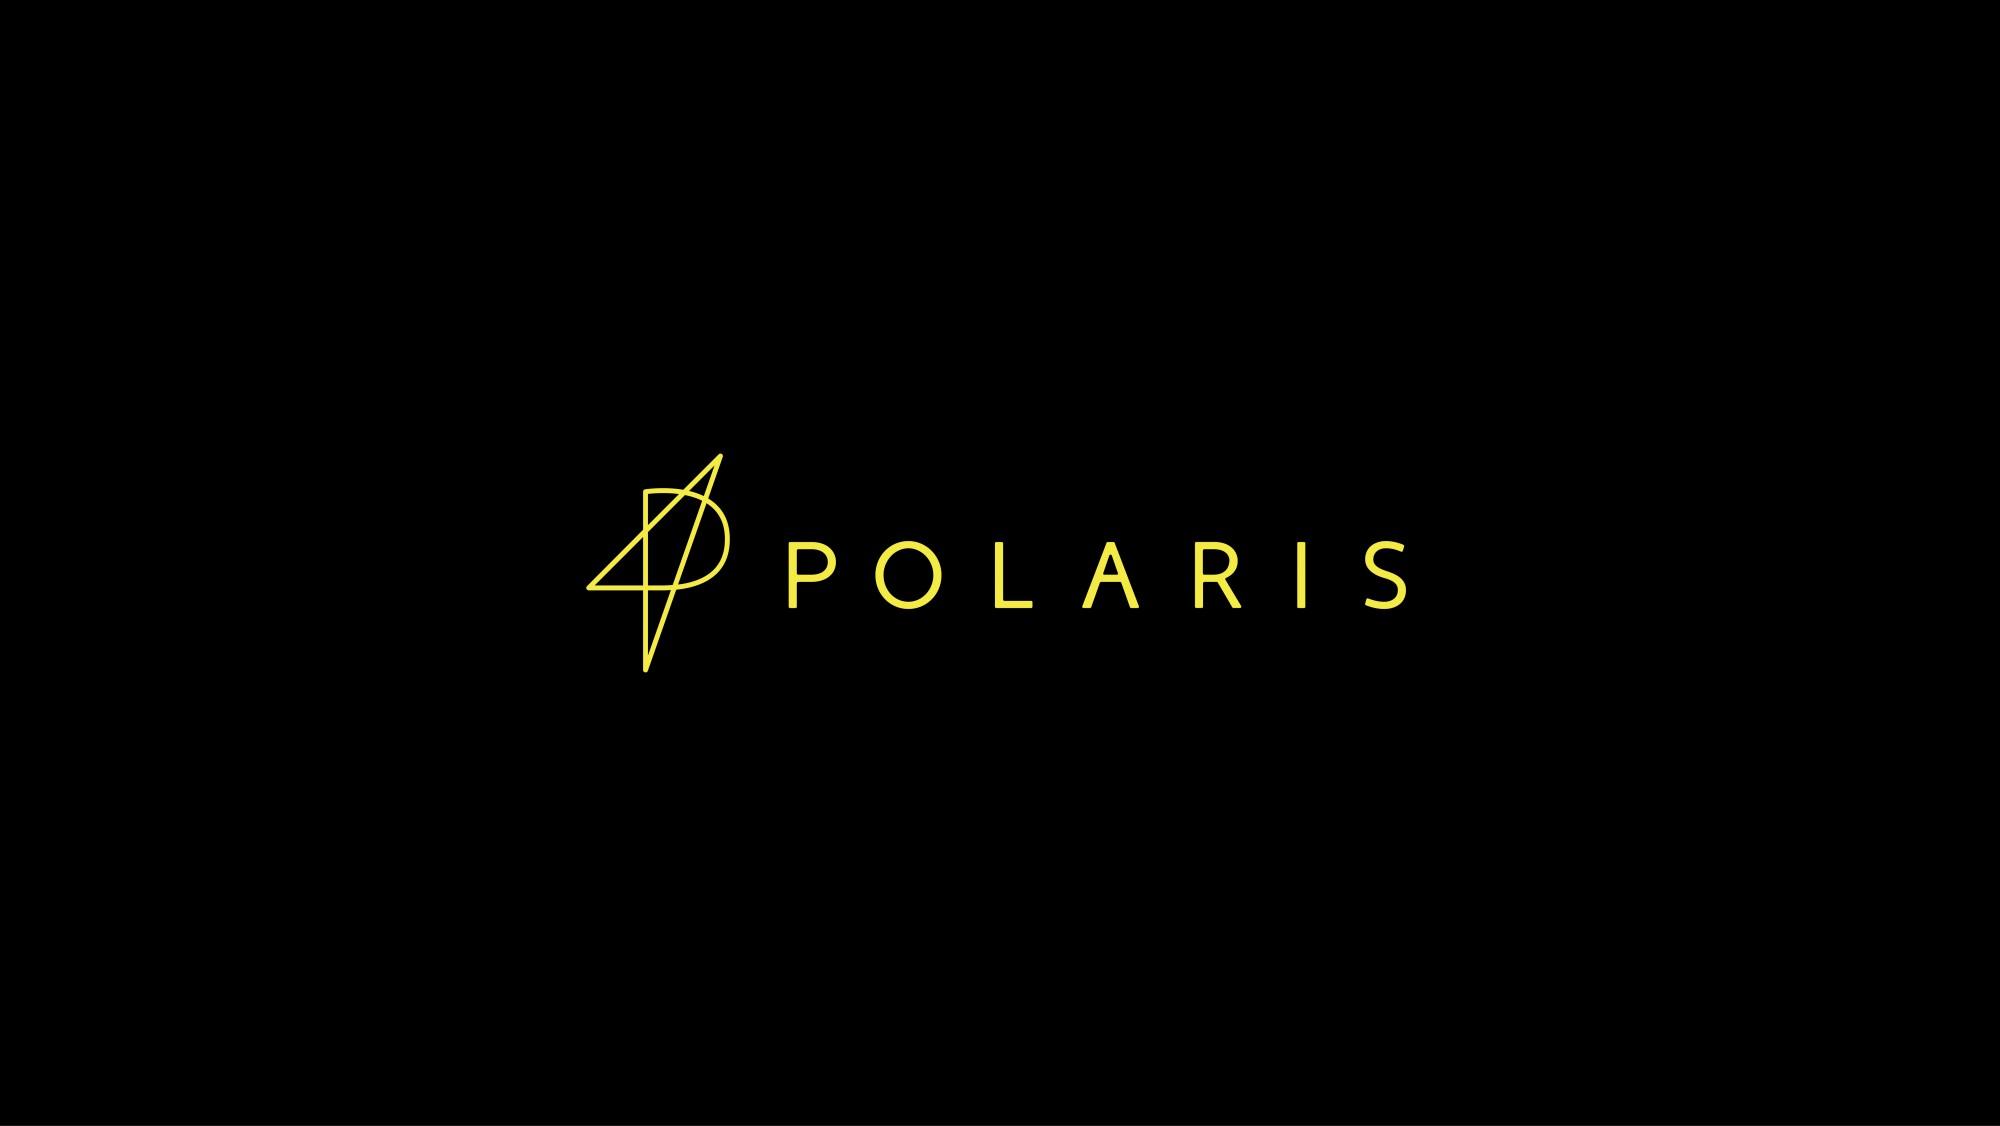 Cover image: Polaris